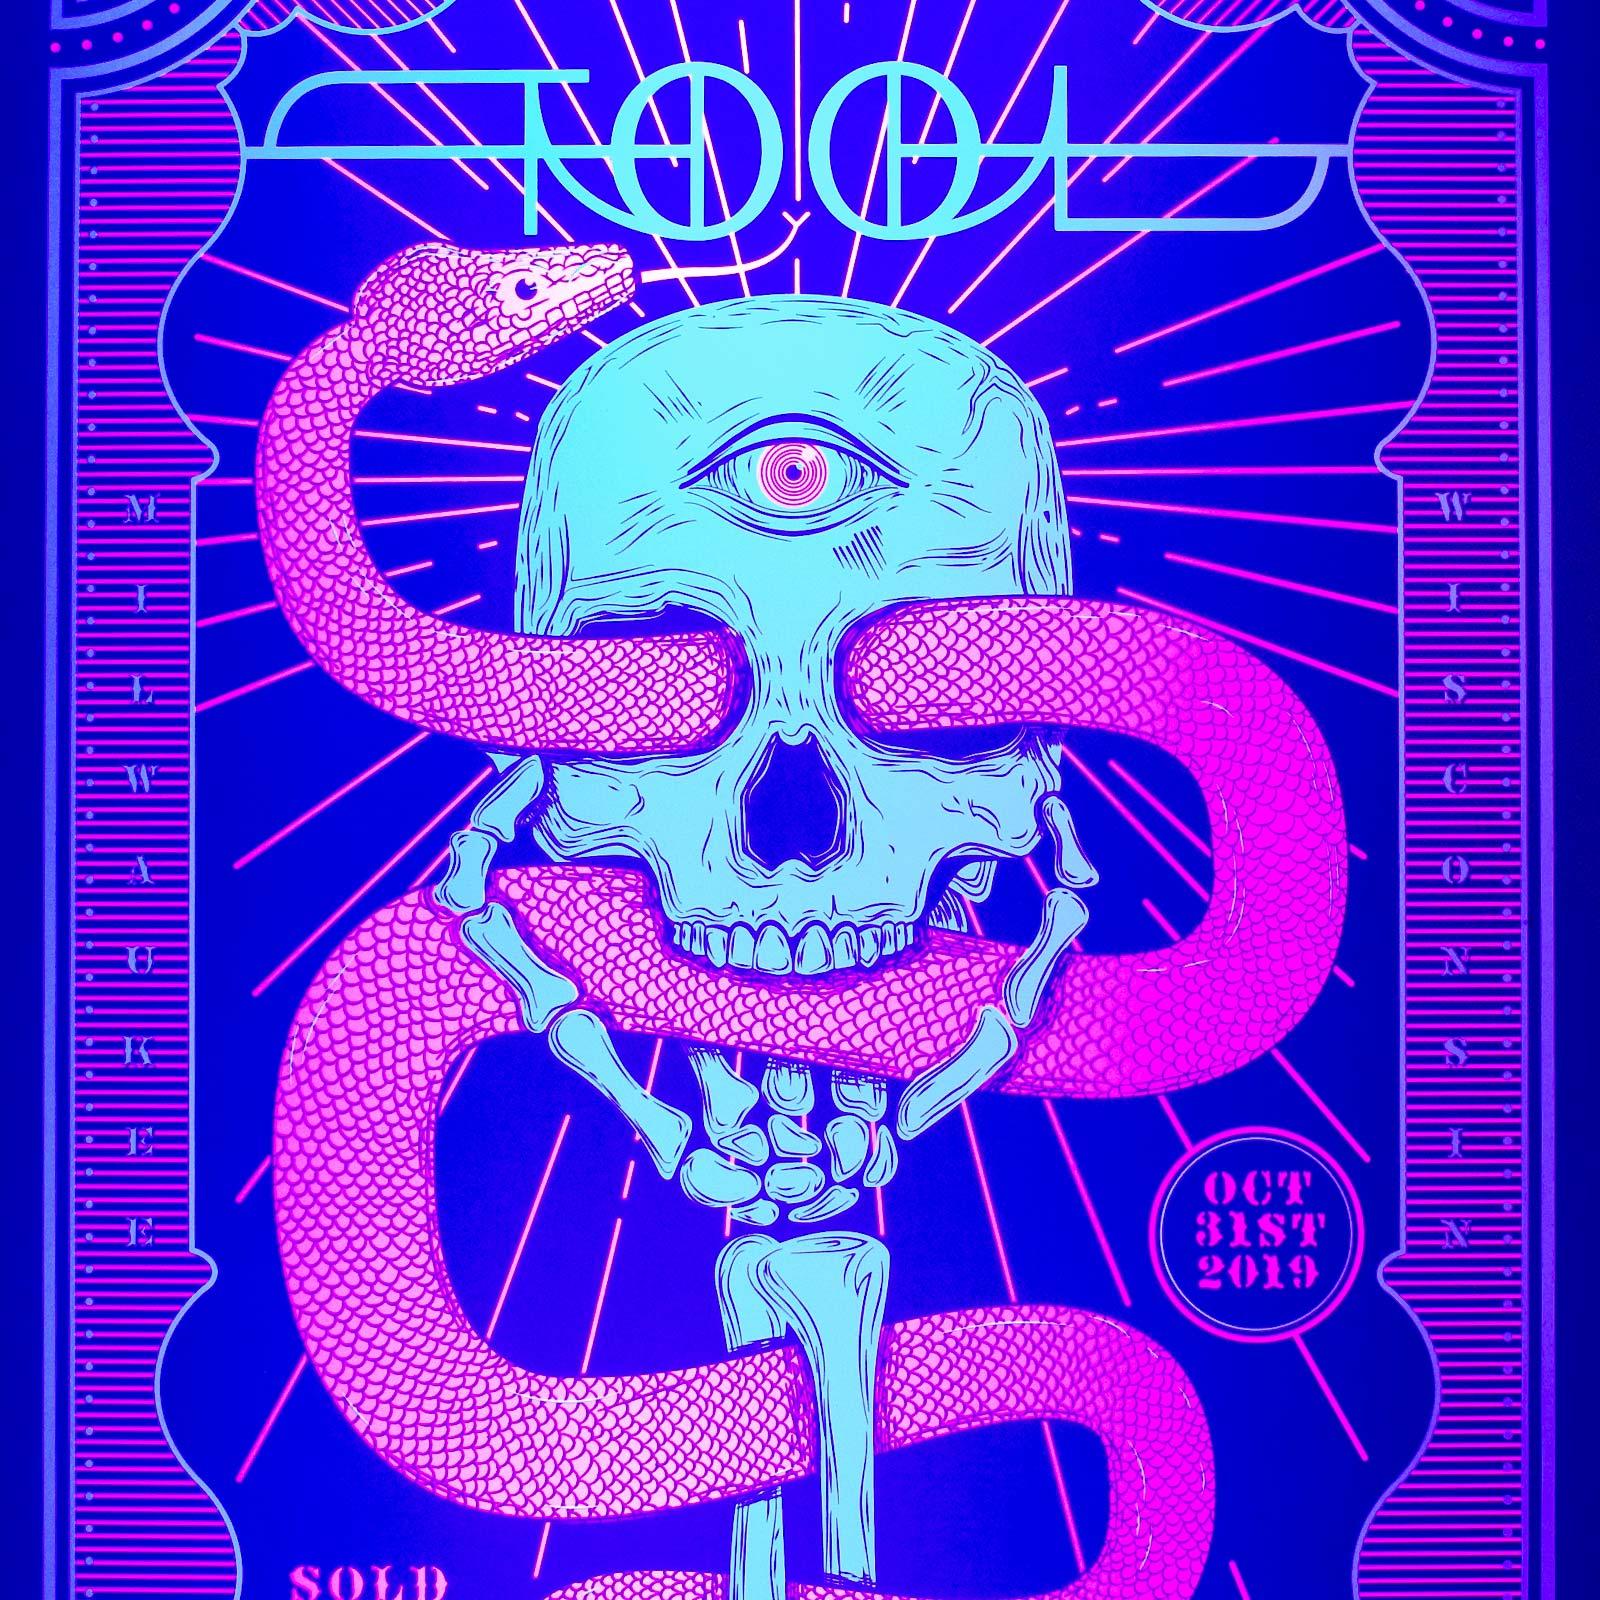 tool halloween concert poster milwaukee wisconsin